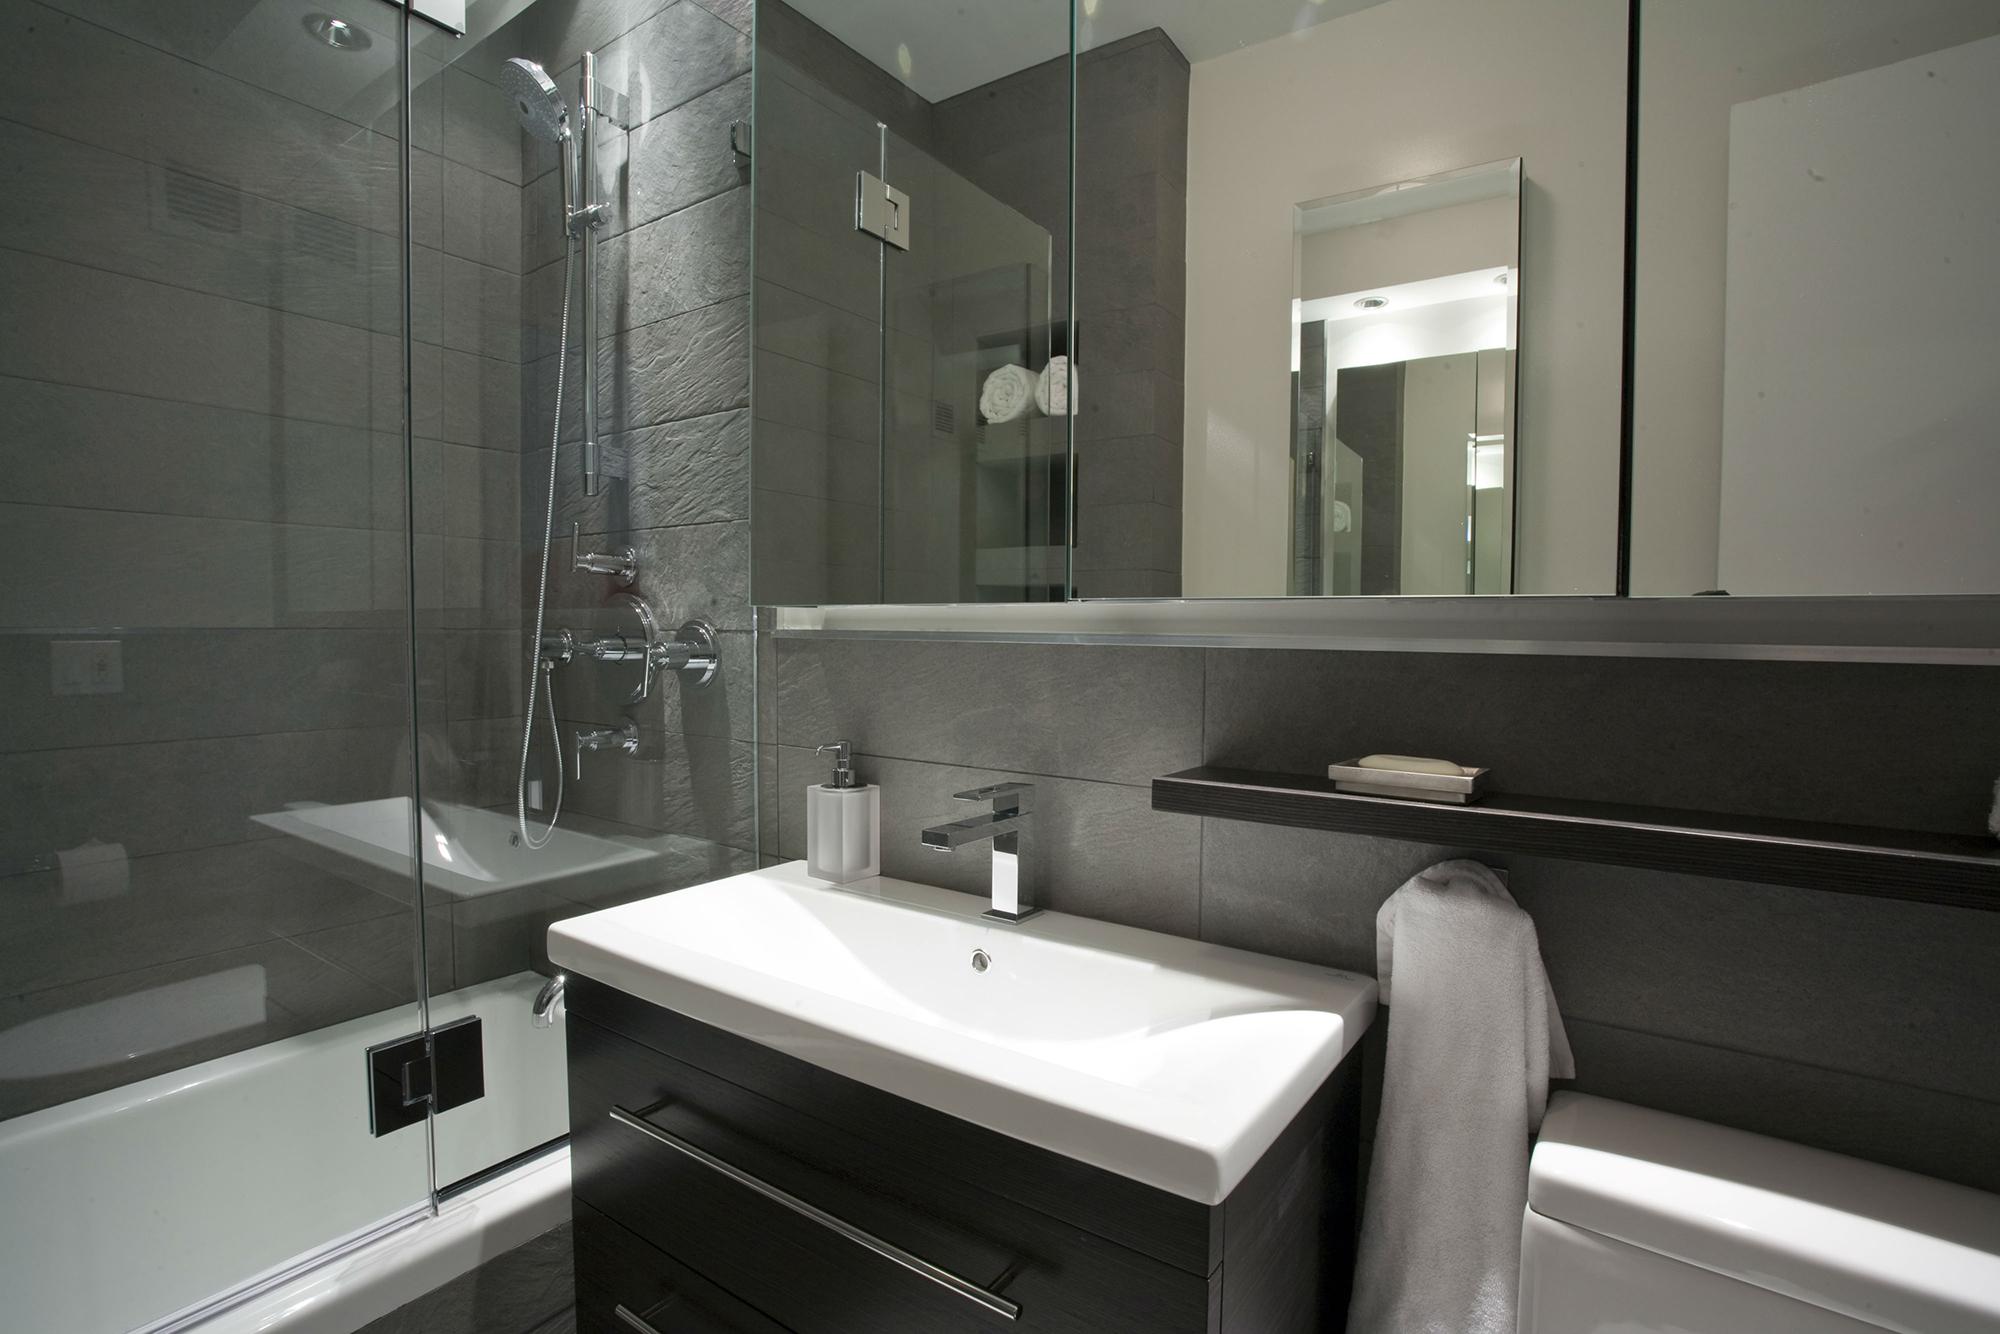 Прямоугольная раковина в ванной комнате в стиле модерн